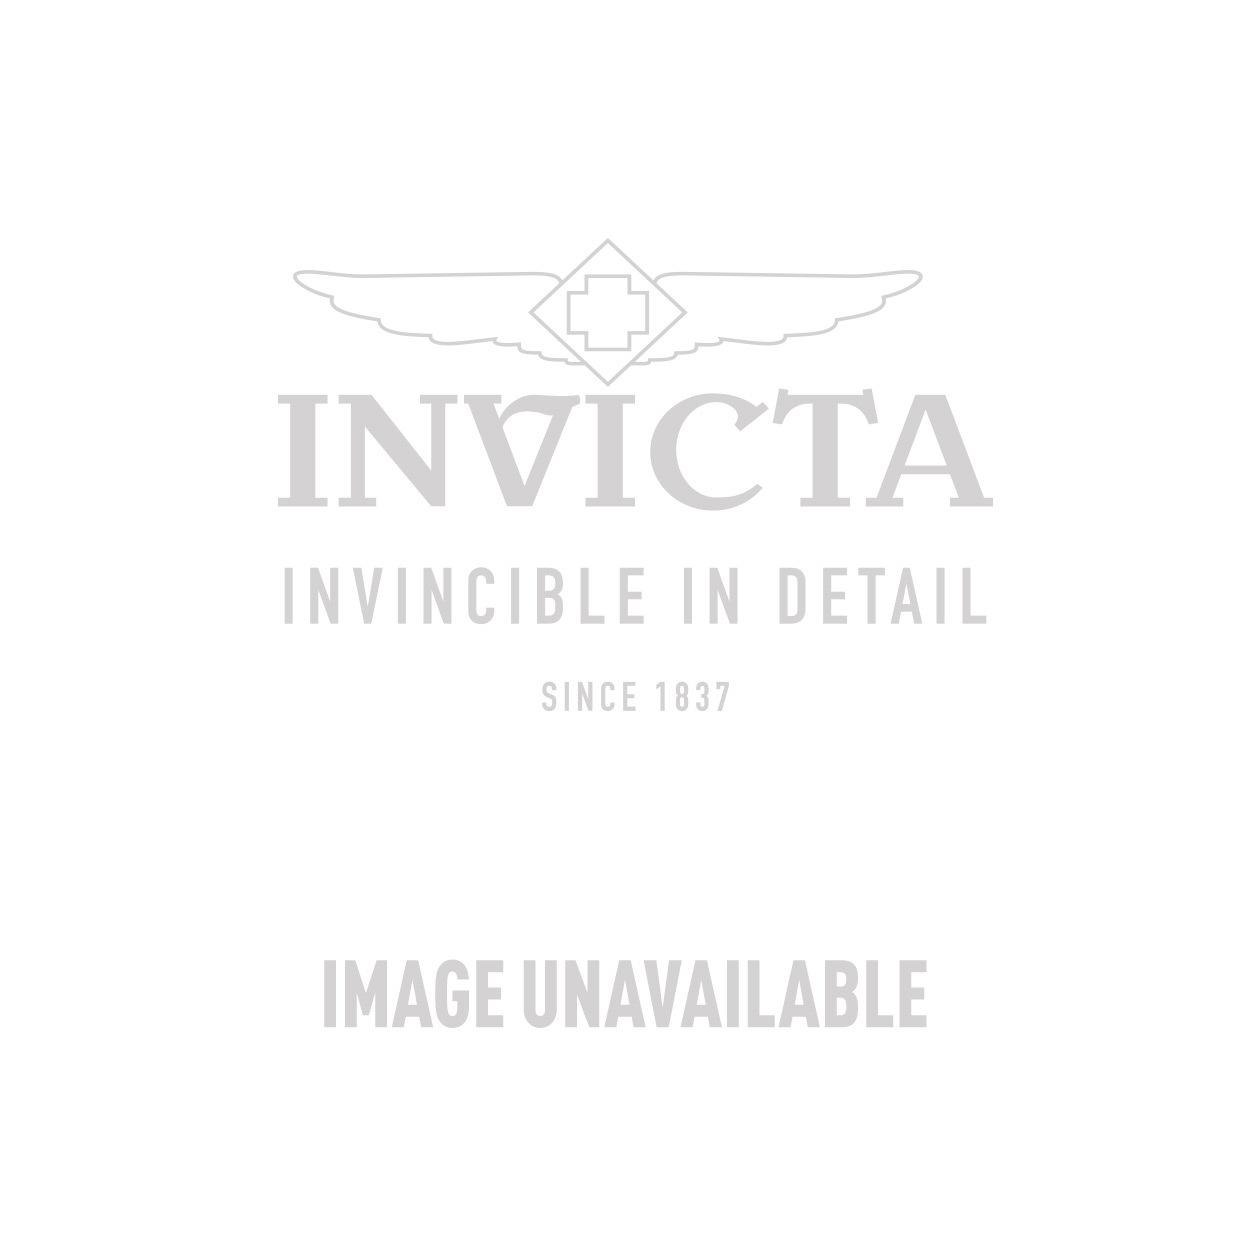 Invicta Model 27374